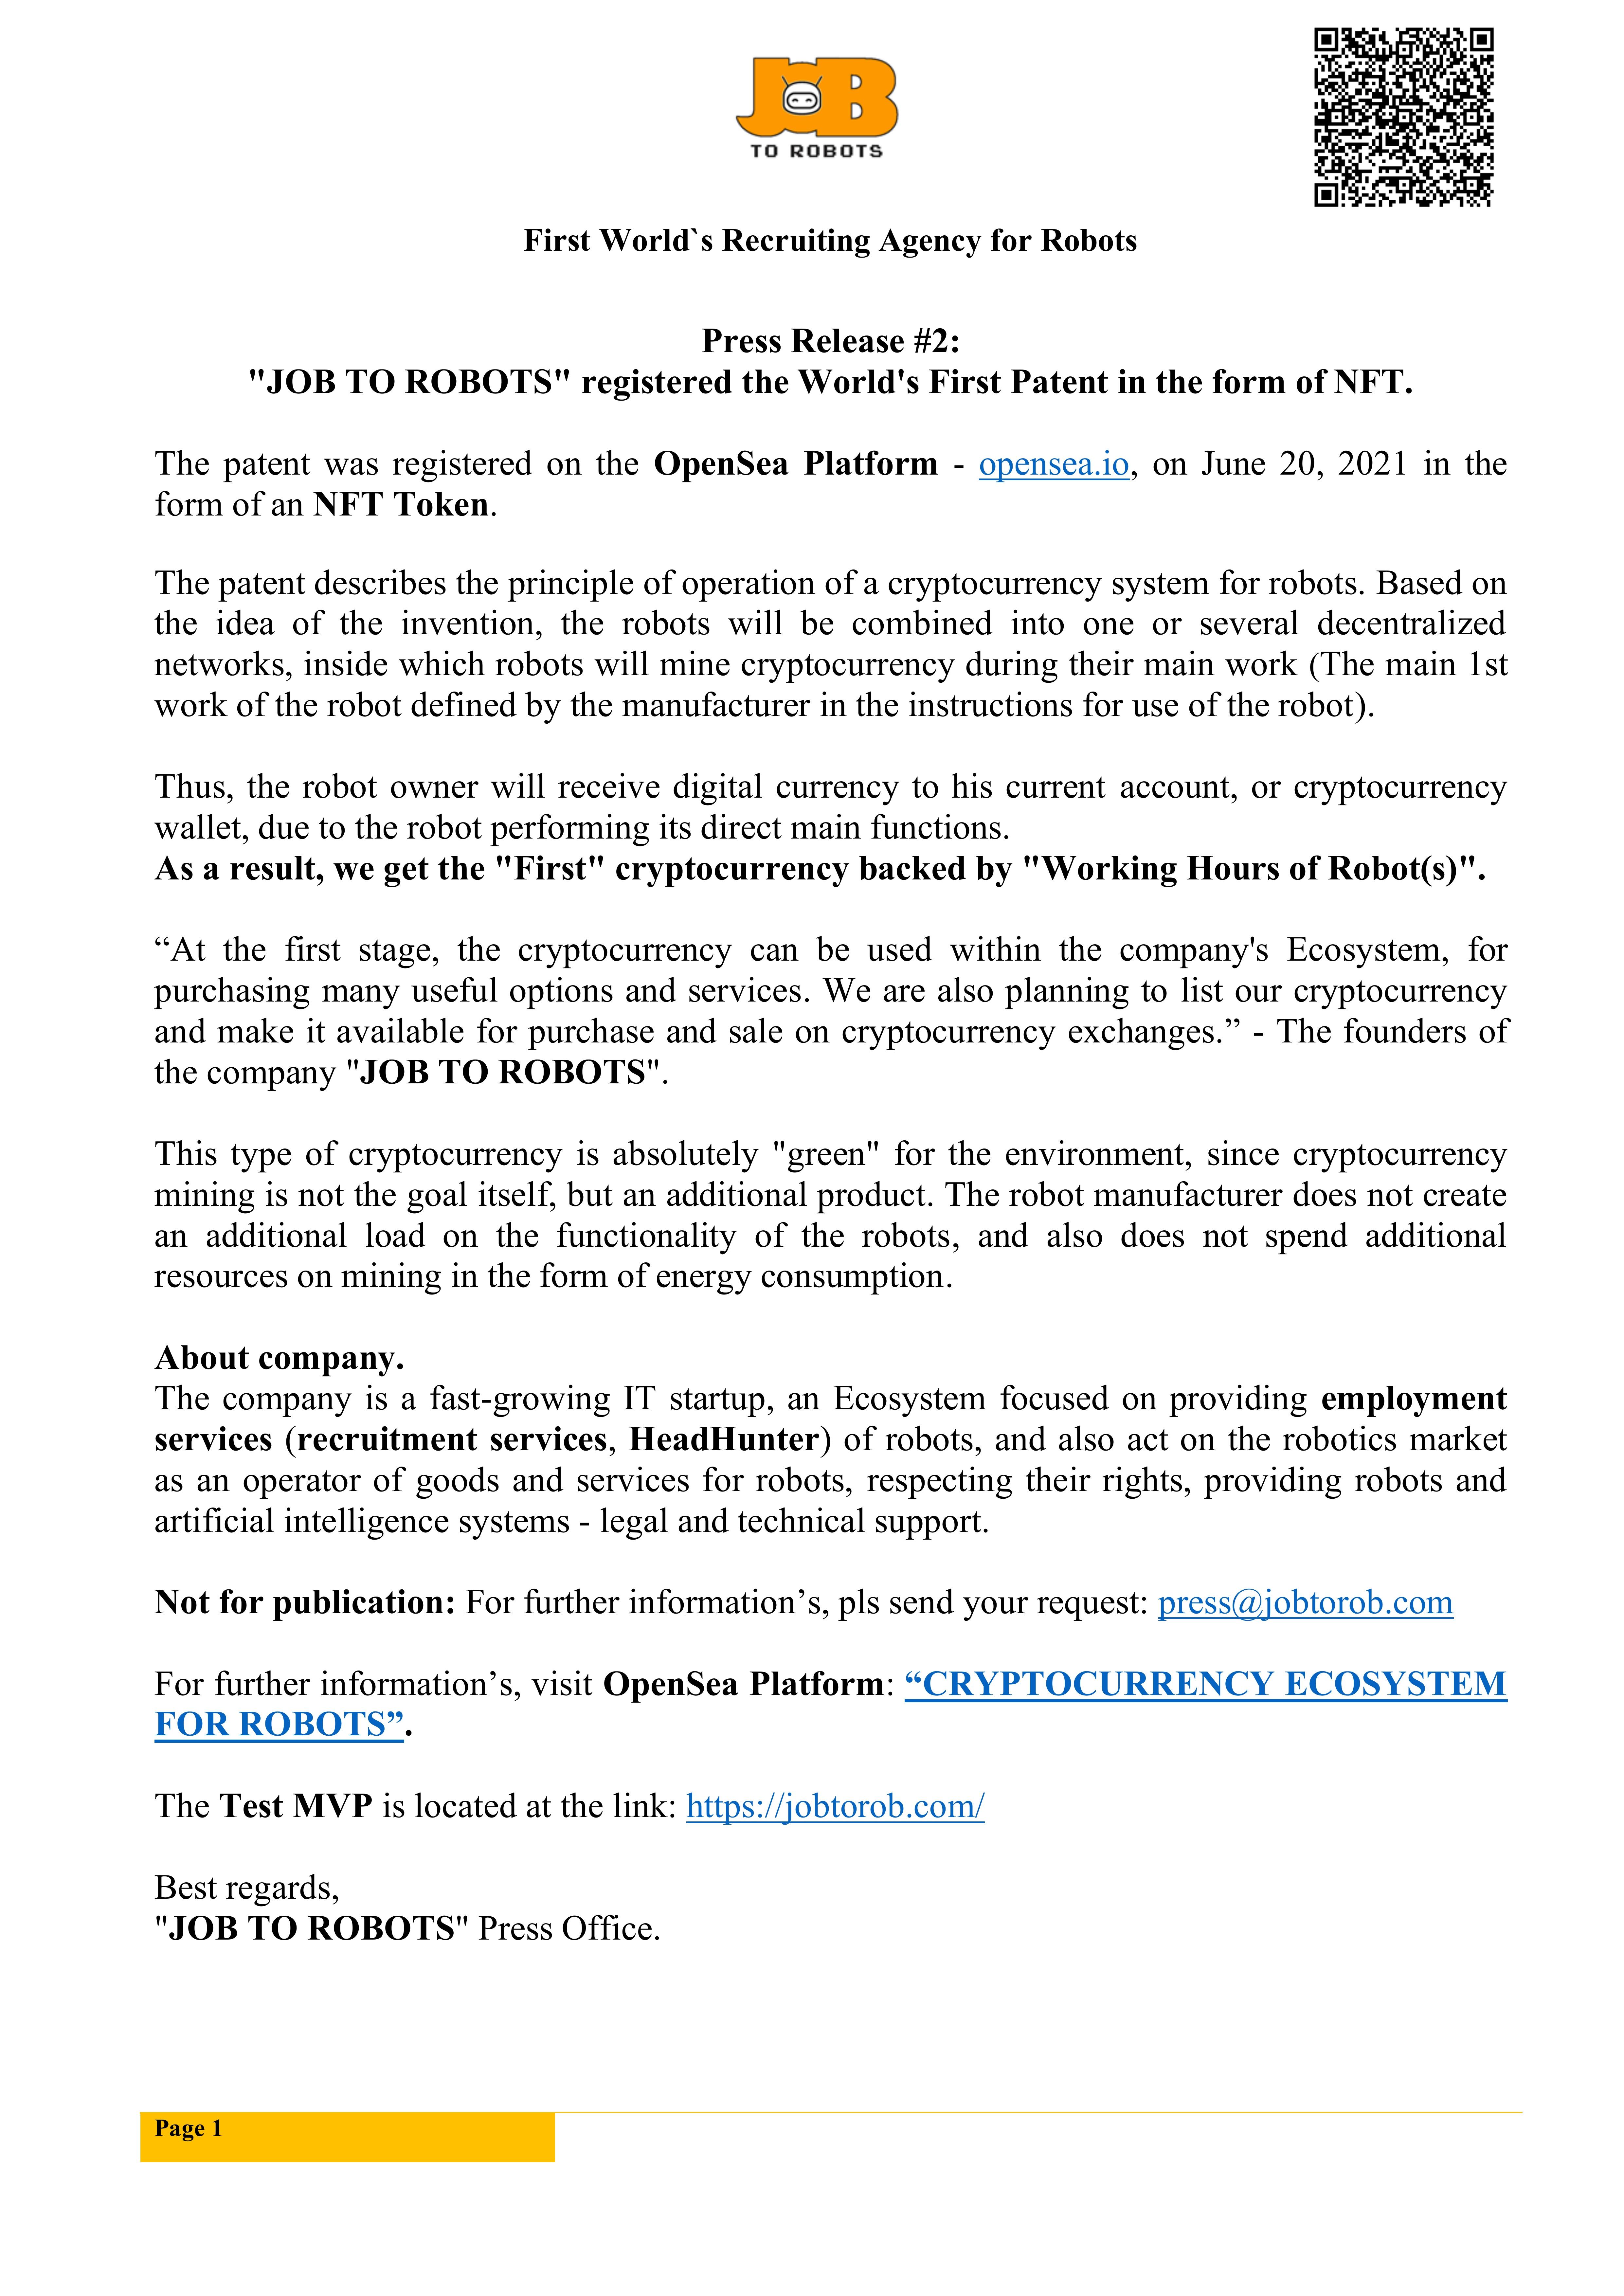 Press Release #2: